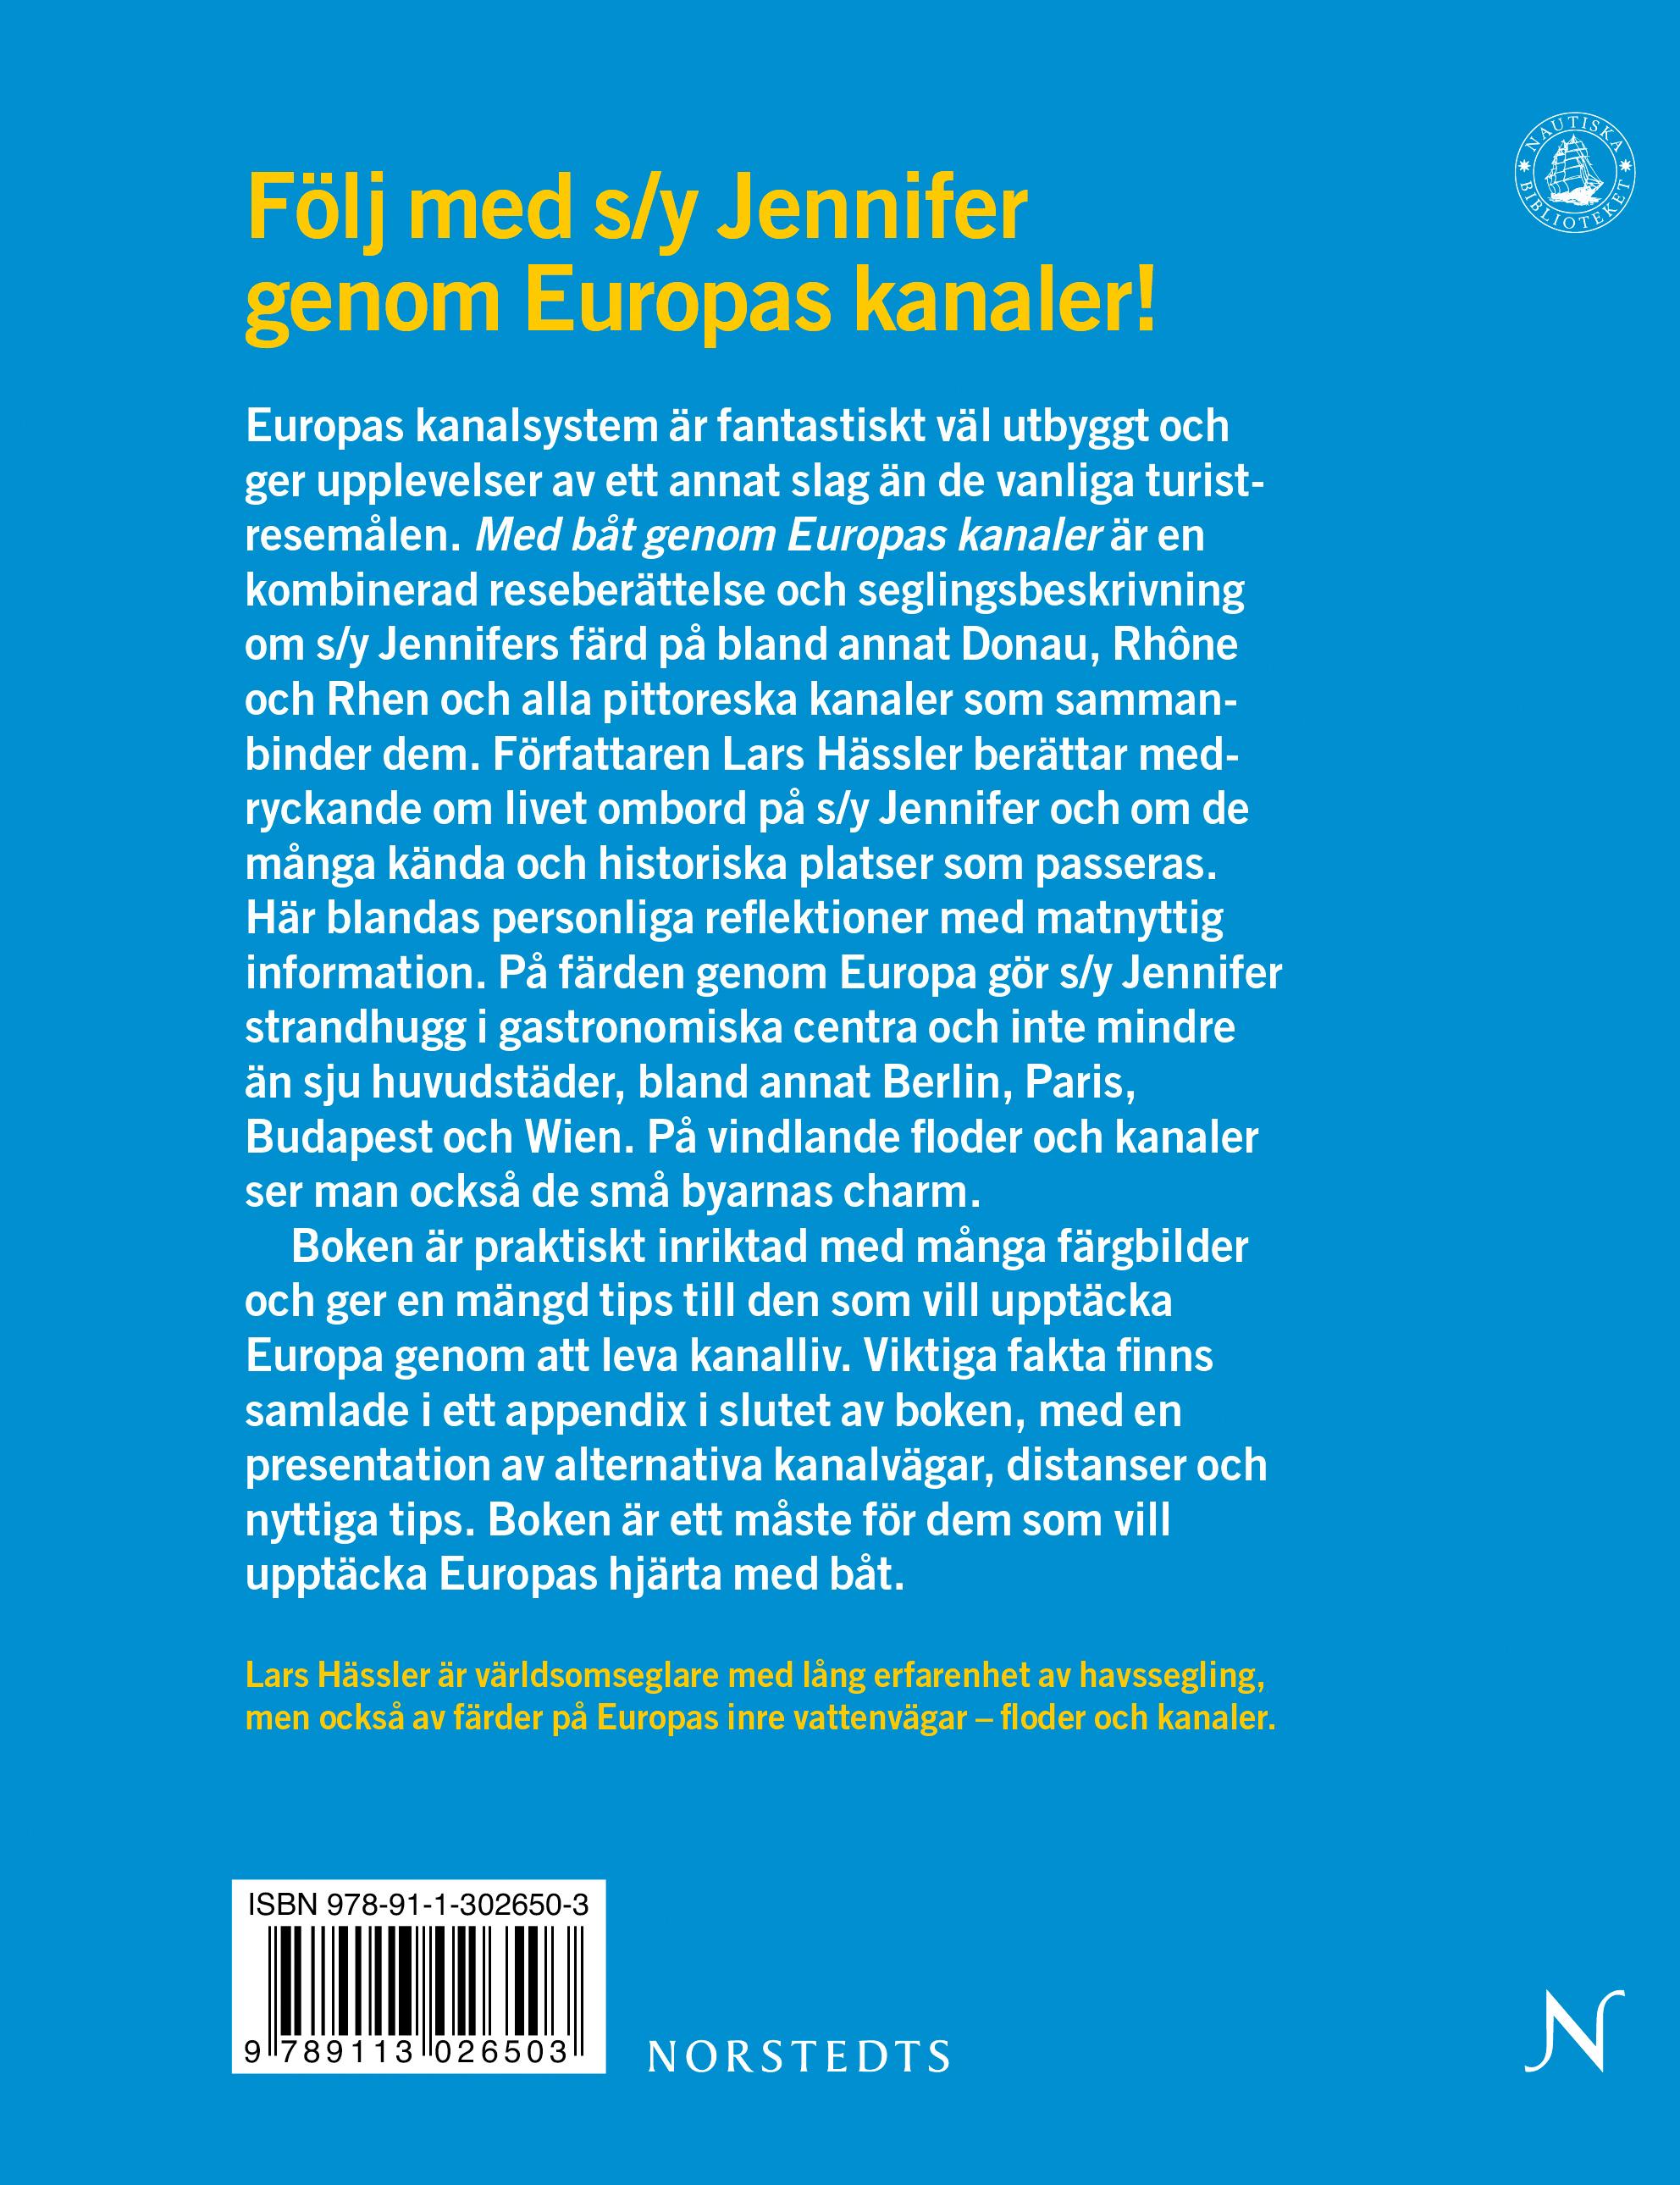 Eiropas kanaler baksida